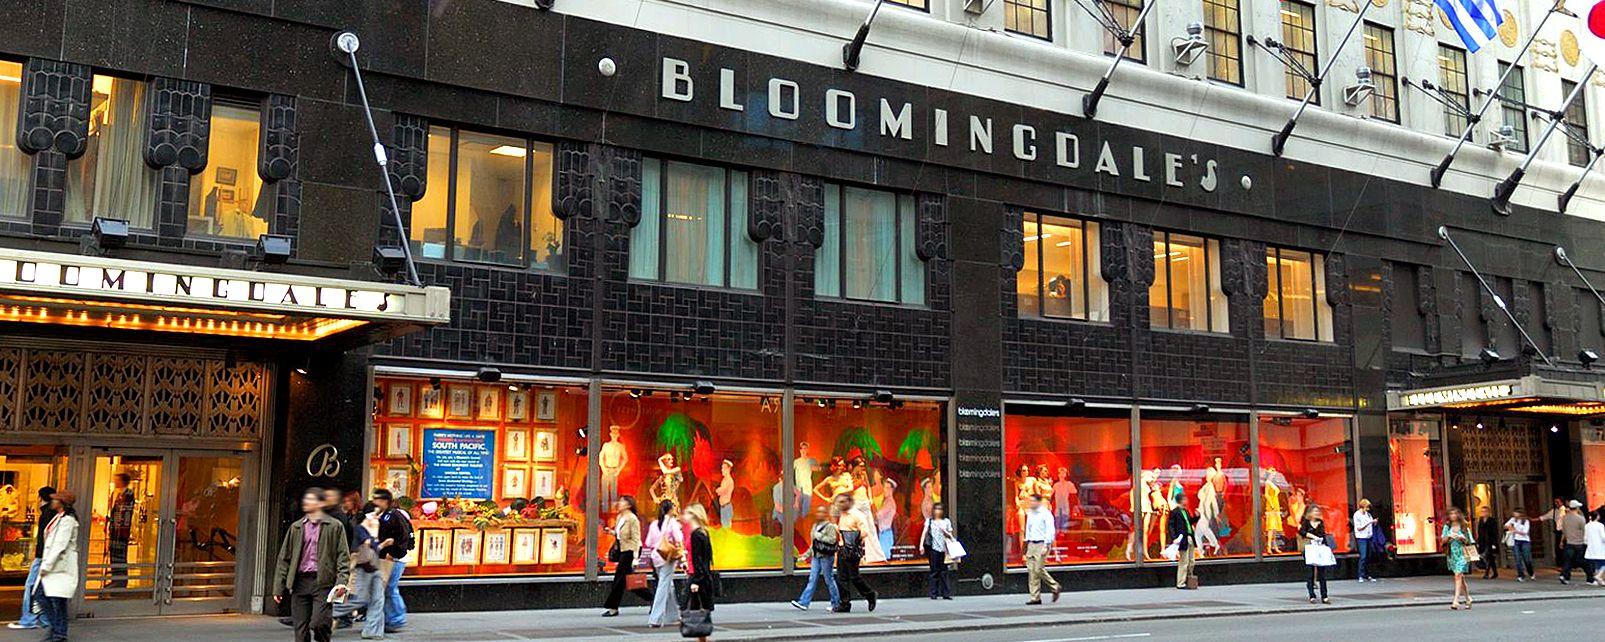 Bloomingdale's , Il Bloomingdale's , Stati Uniti